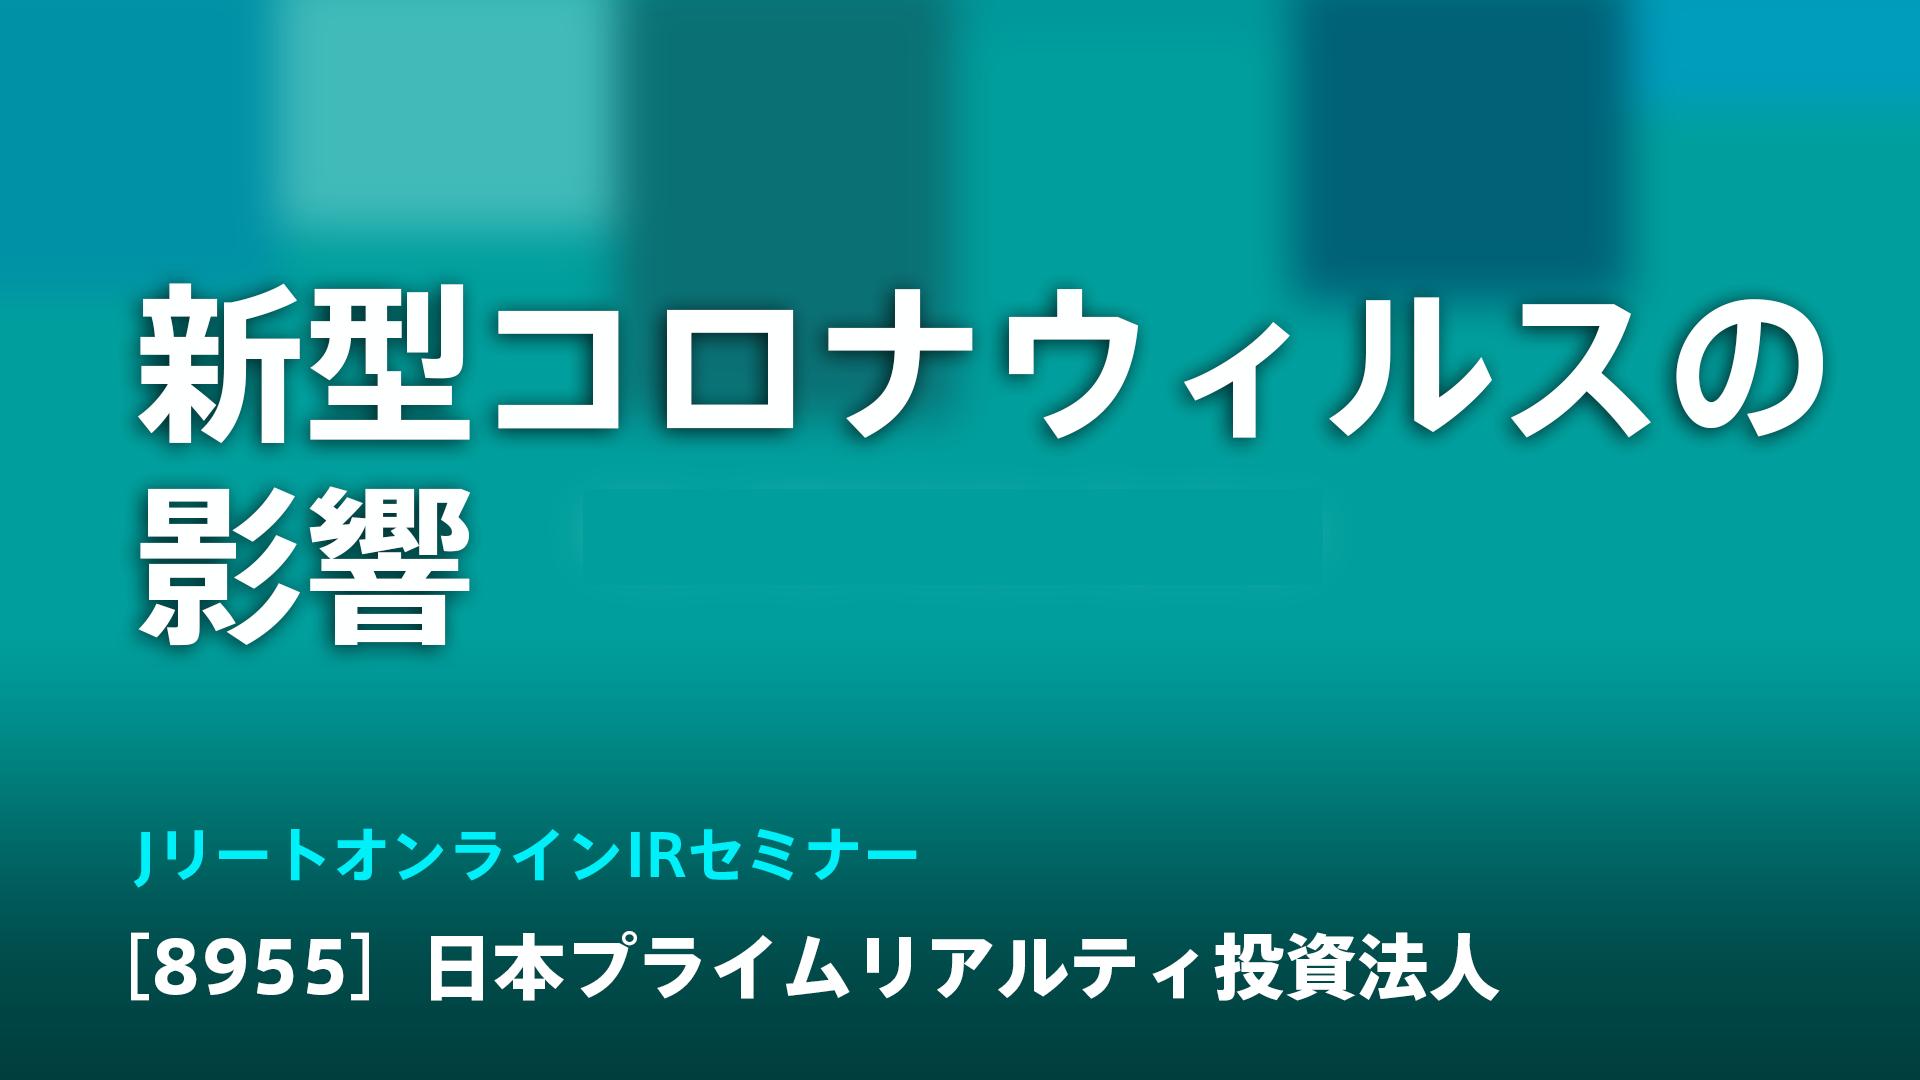 日本プライムリアルティ投資法人のスライダーサムネイル画像16